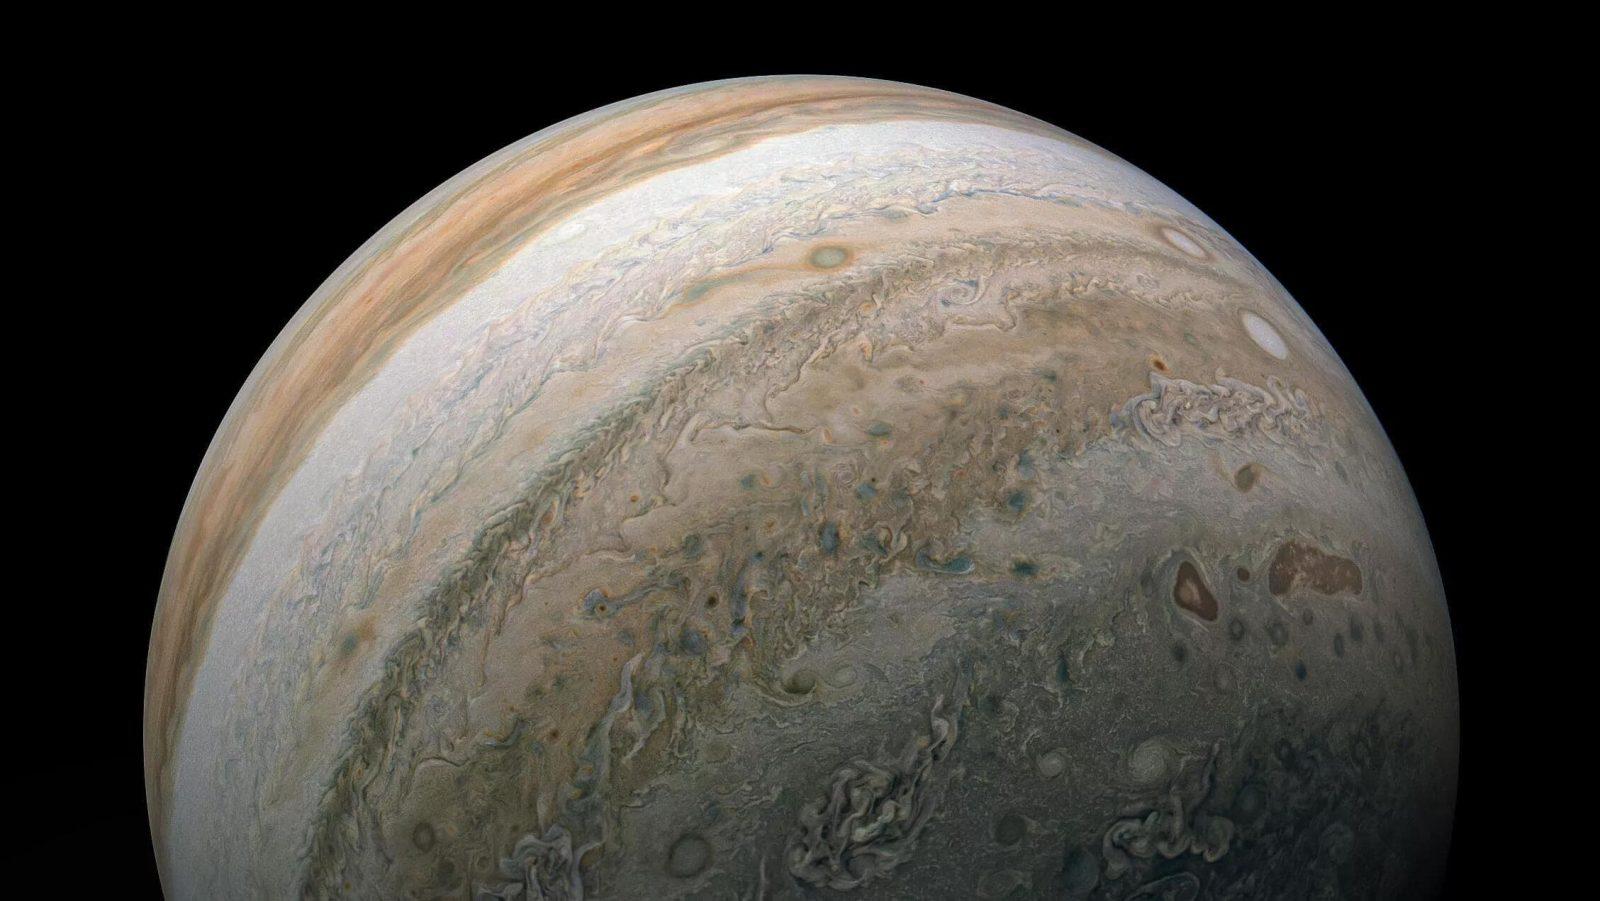 Jupiter et Saturne en opposition au Soleil : quand cet événement astronomique aura-t-il lieu ?